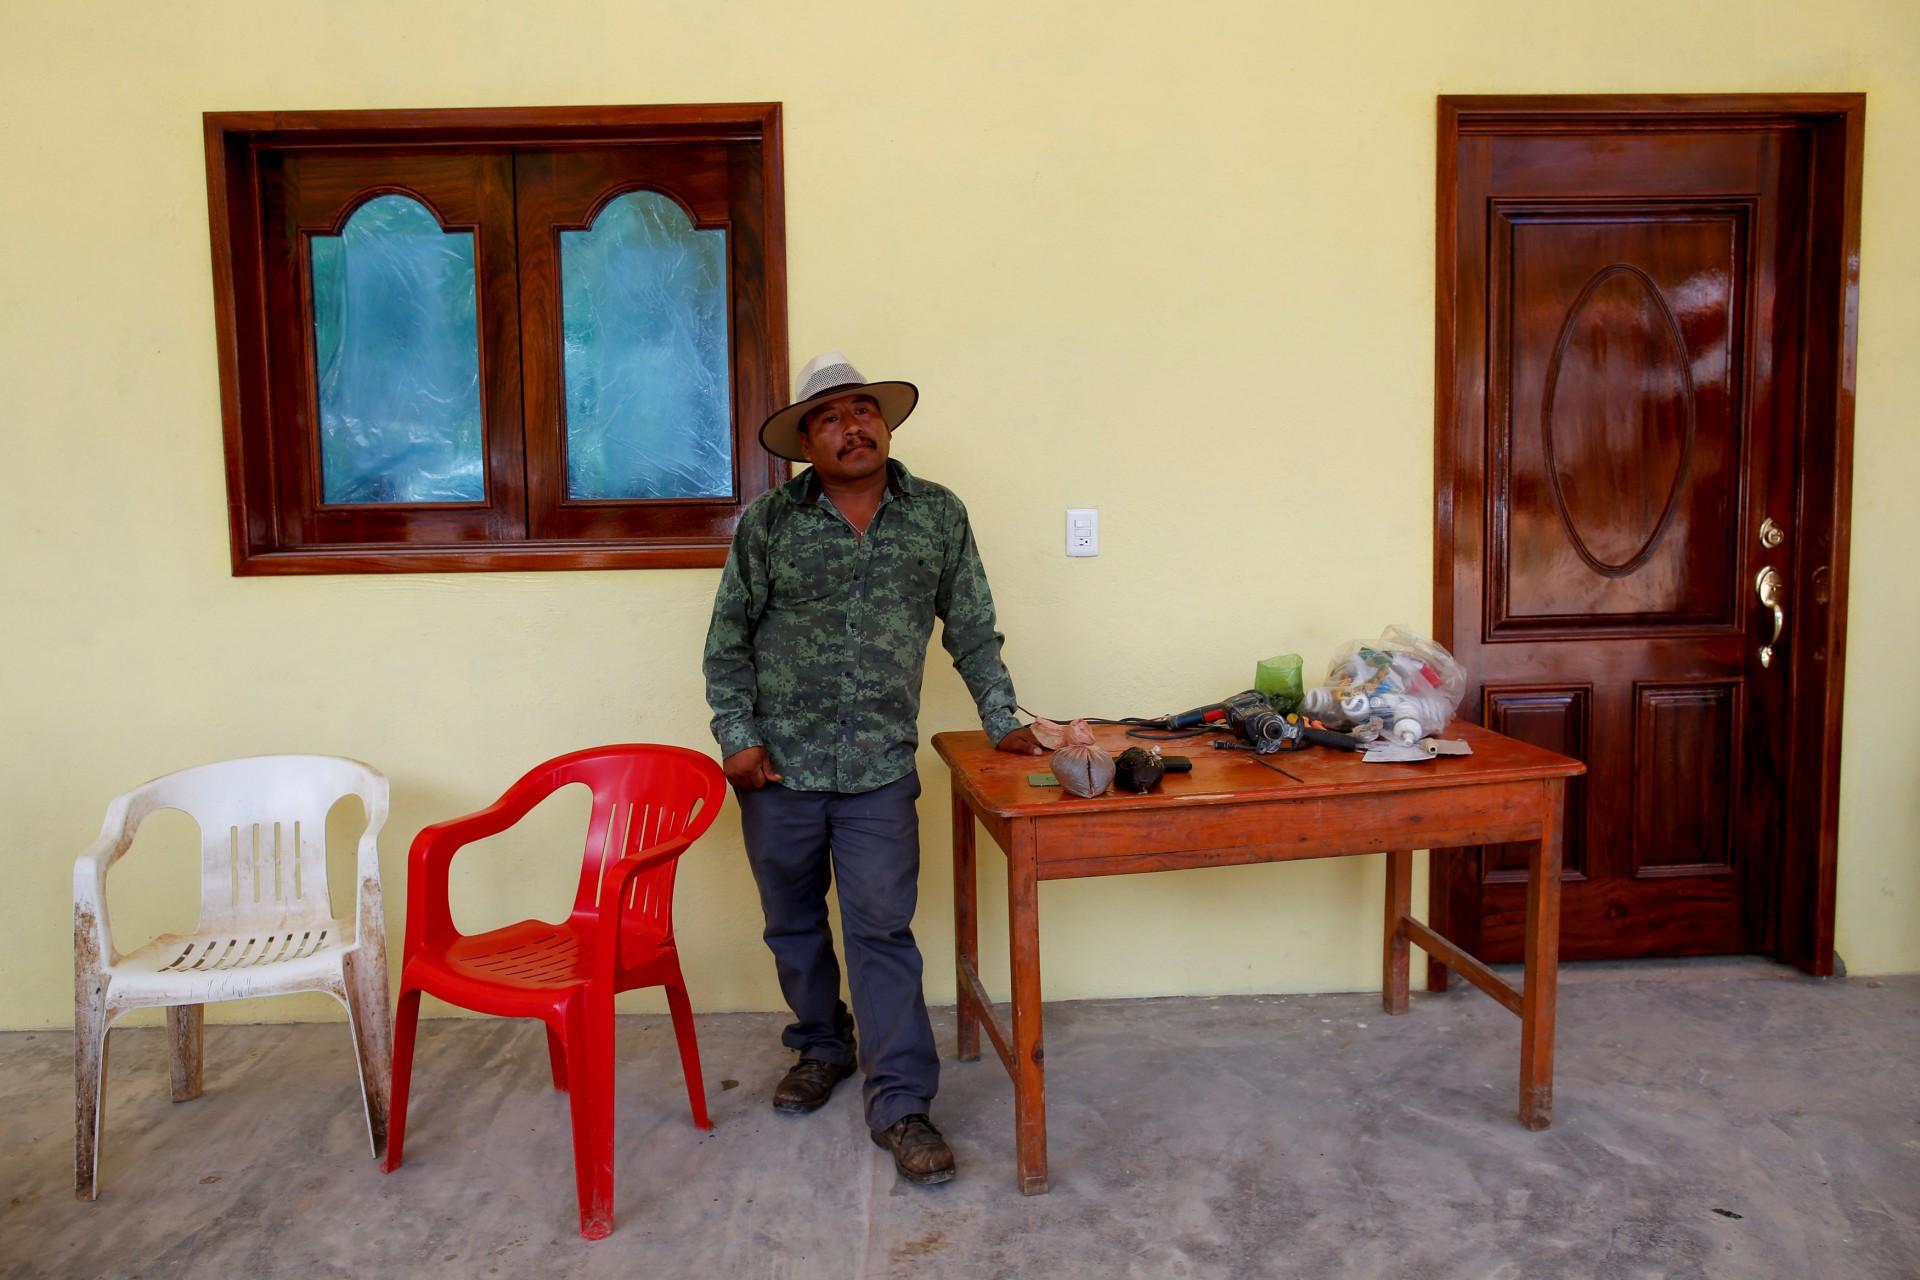 El granjero de amapola Santiago Sánchez se encuentra junto a la pasta de opio sobre la mesa en Santa Cruz Yucucani, en la Sierra Madre del Sur, en el estado sureño de Guerrero, México, el 18 de agosto de 2018.